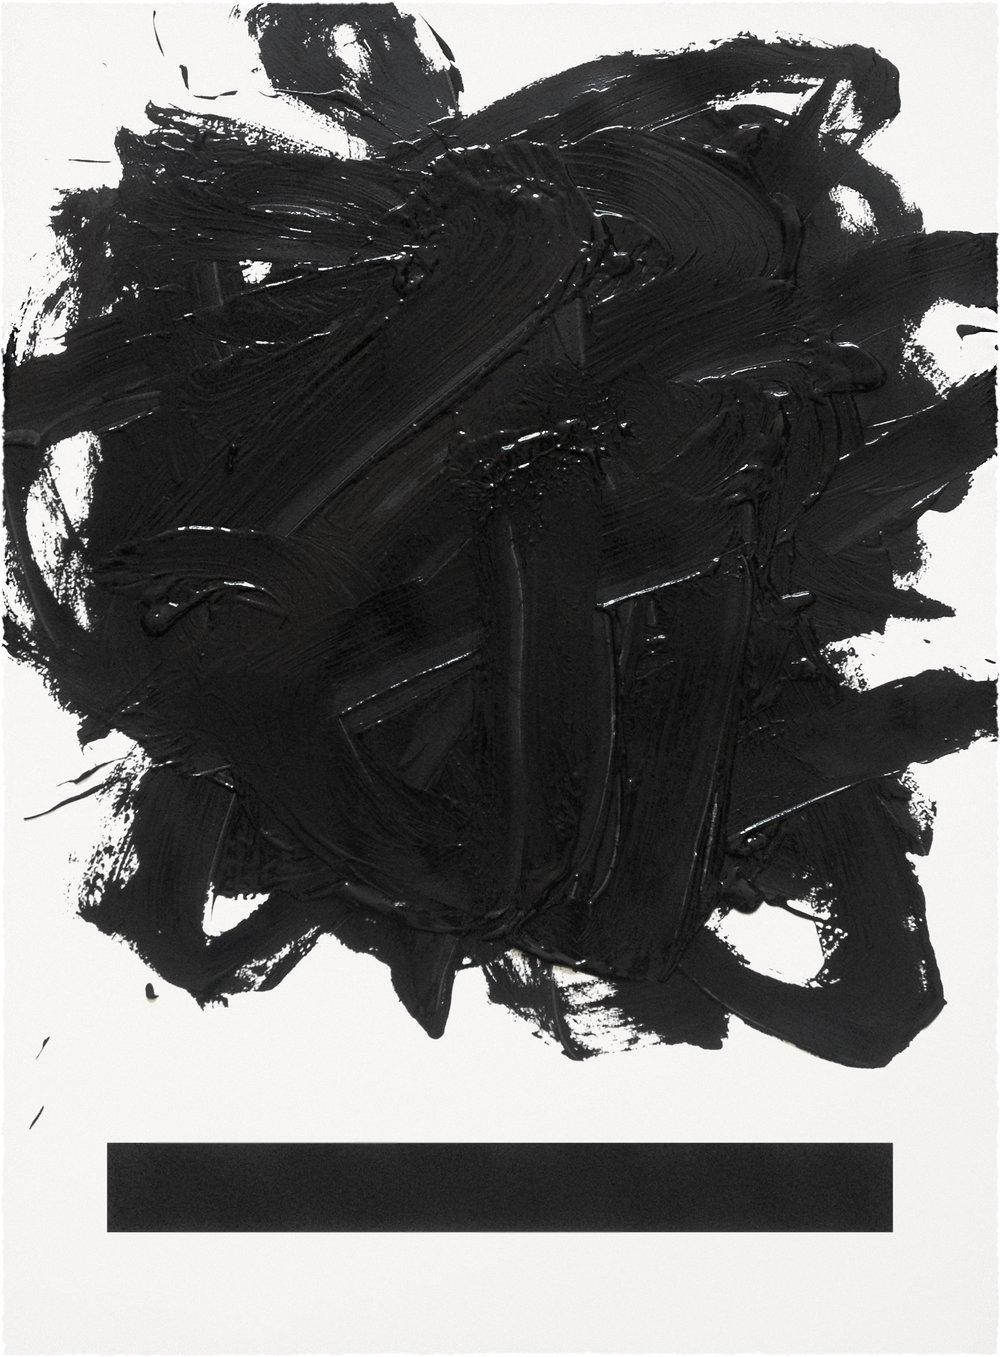 Dos Líneas Negras — Diego Berjon